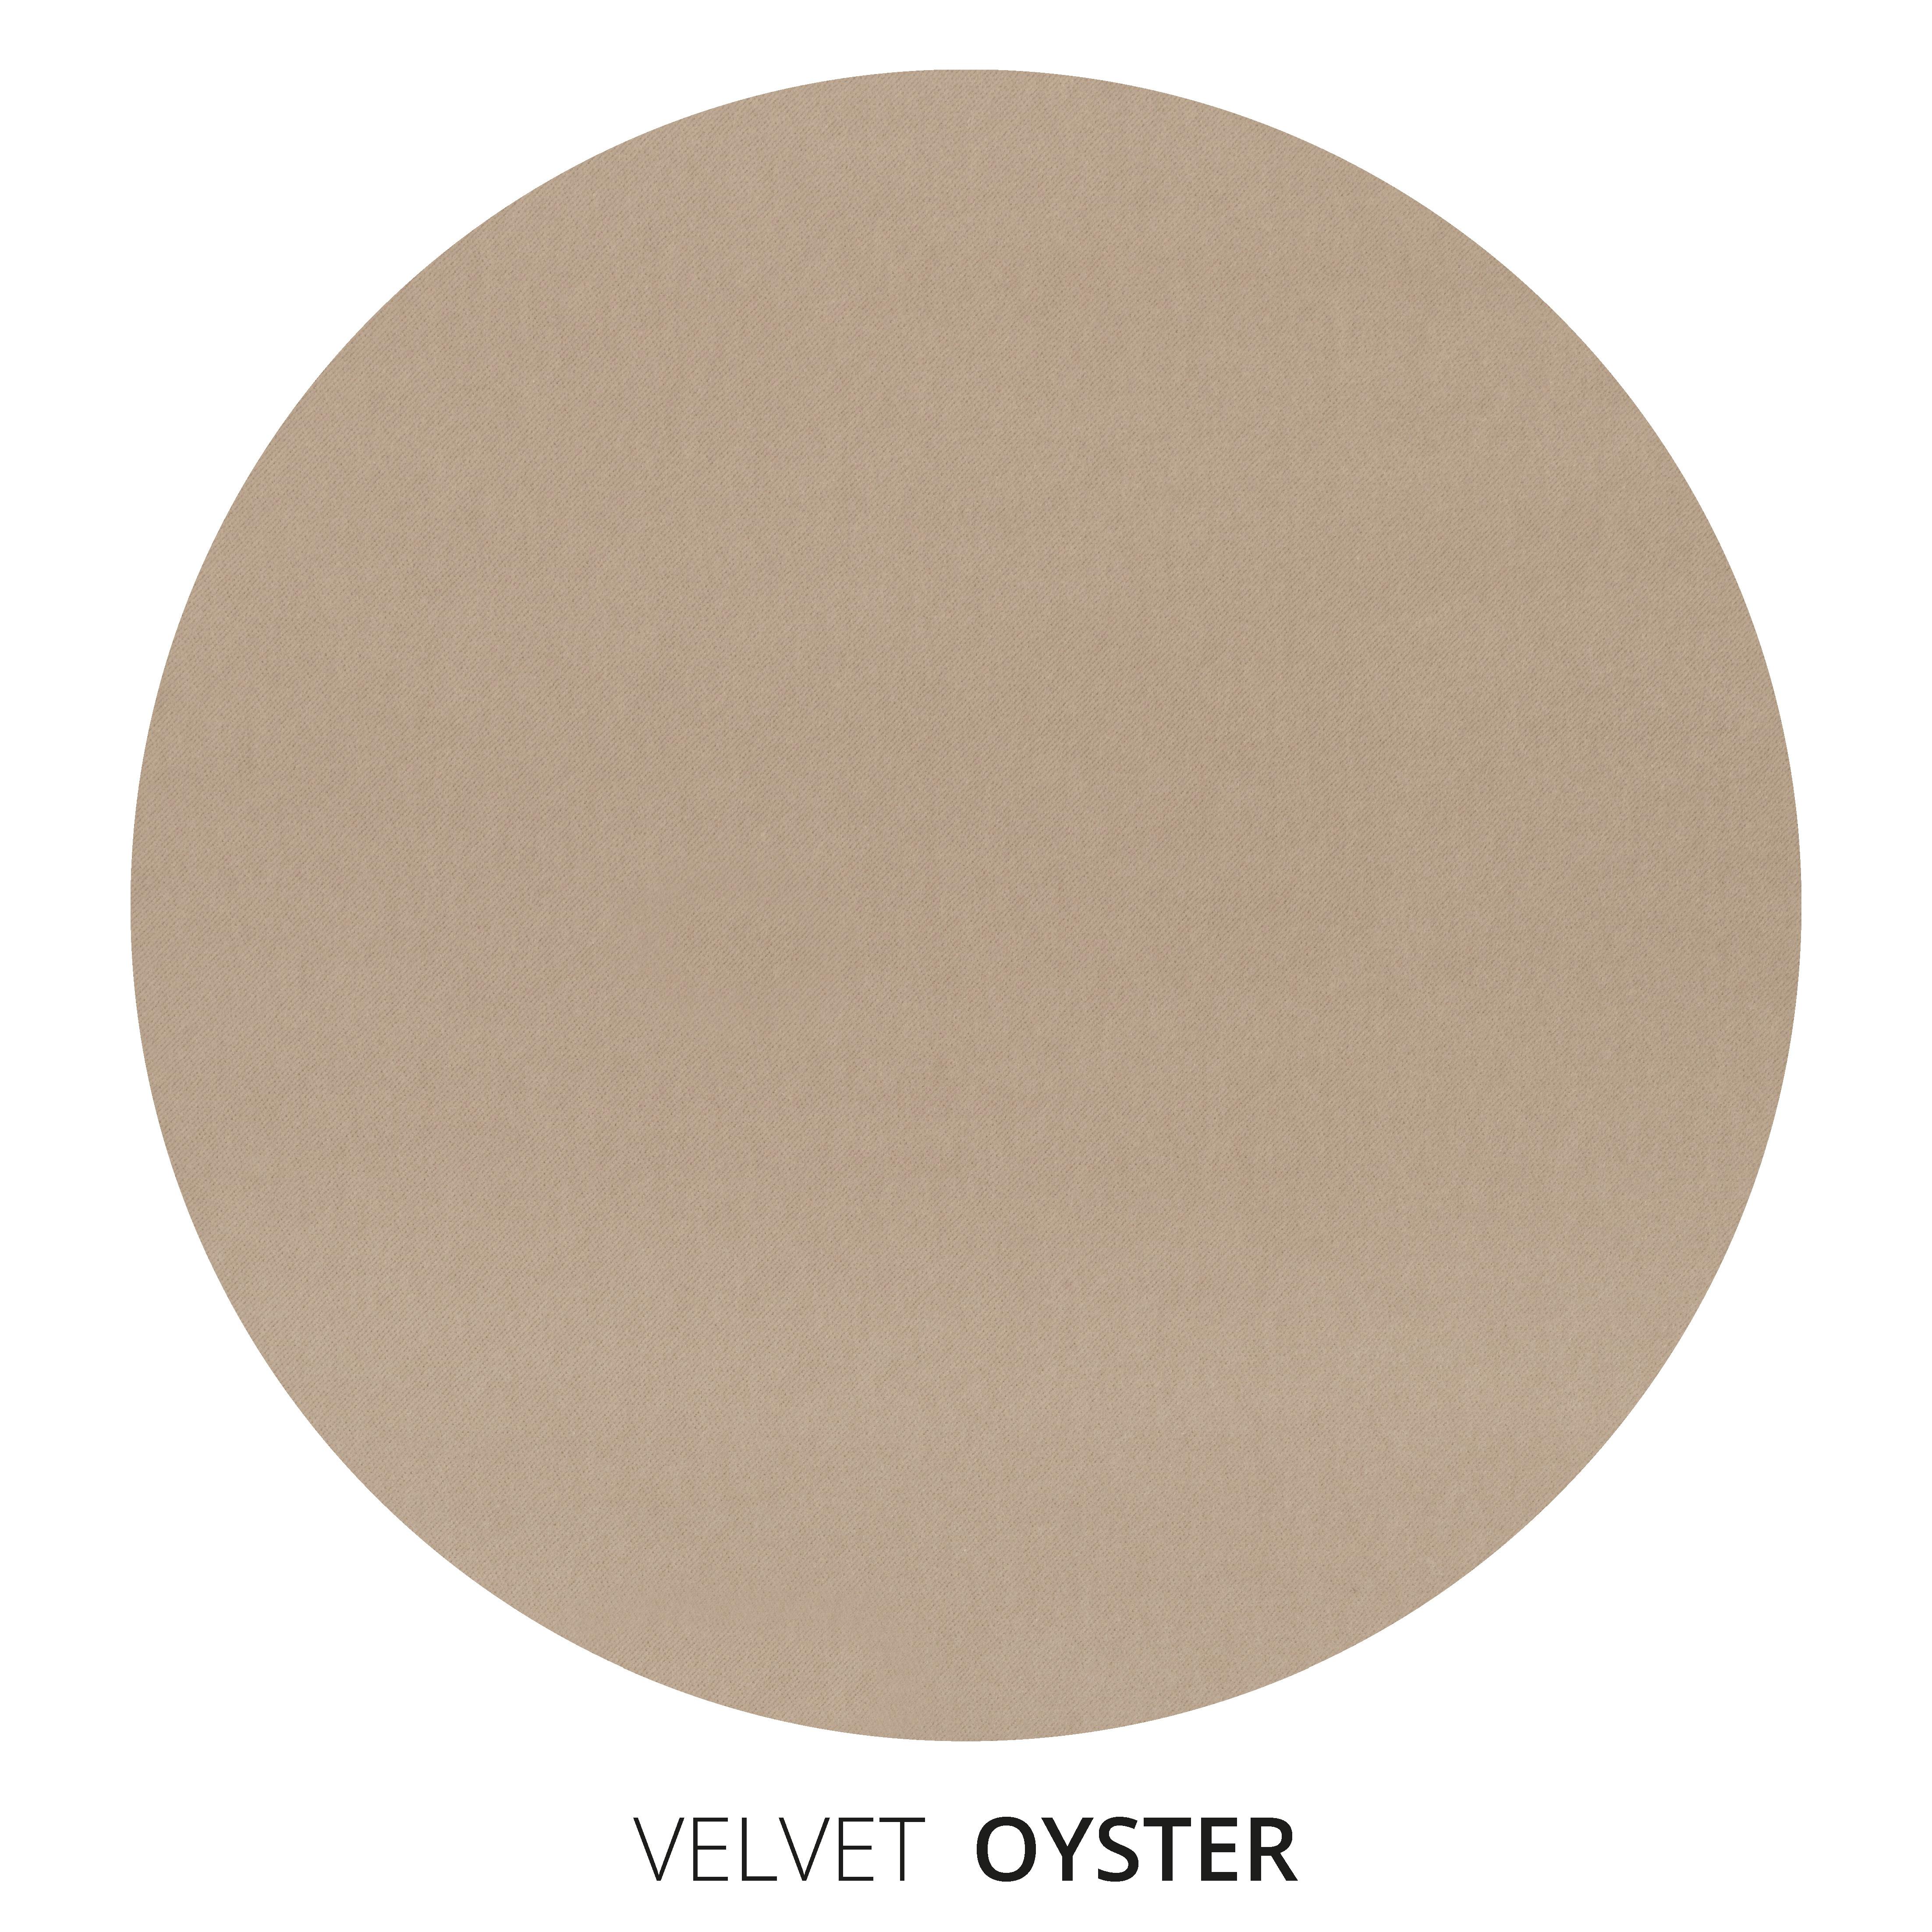 Oyster Velvet Swatch